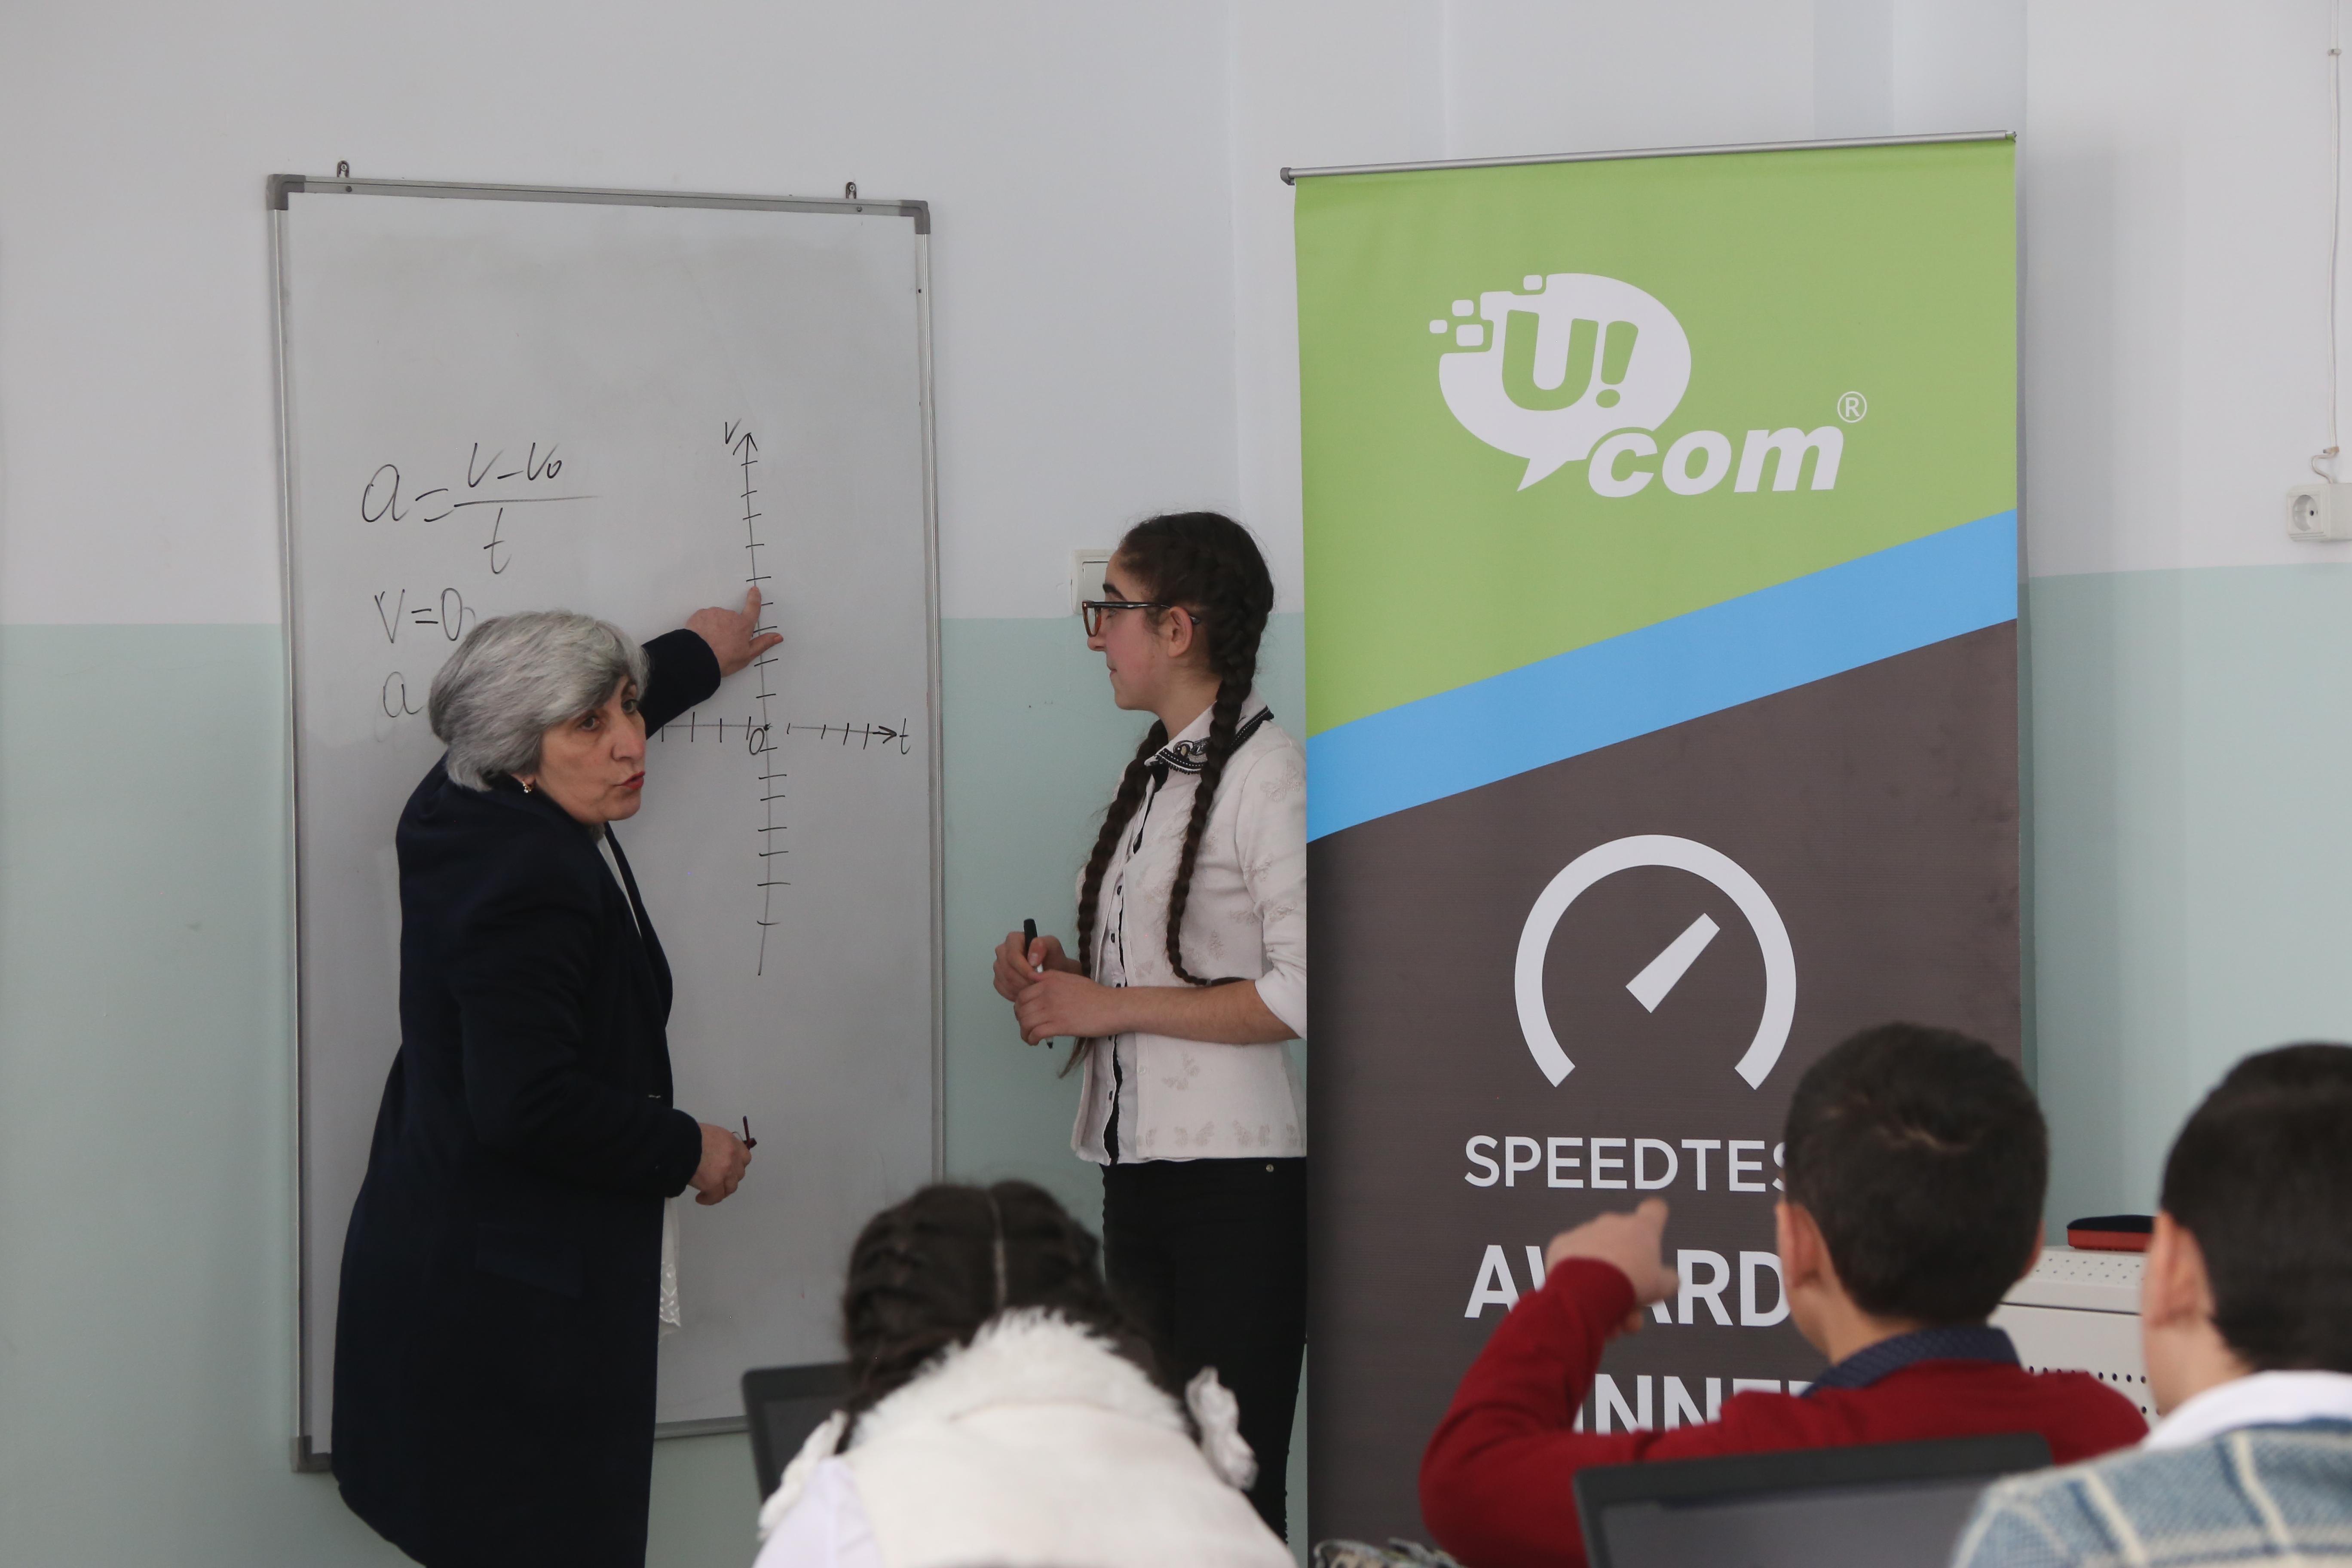 При поддержке Ucom запущена онлайн-платформа интерактивных методов и дистанционного образования stem.am